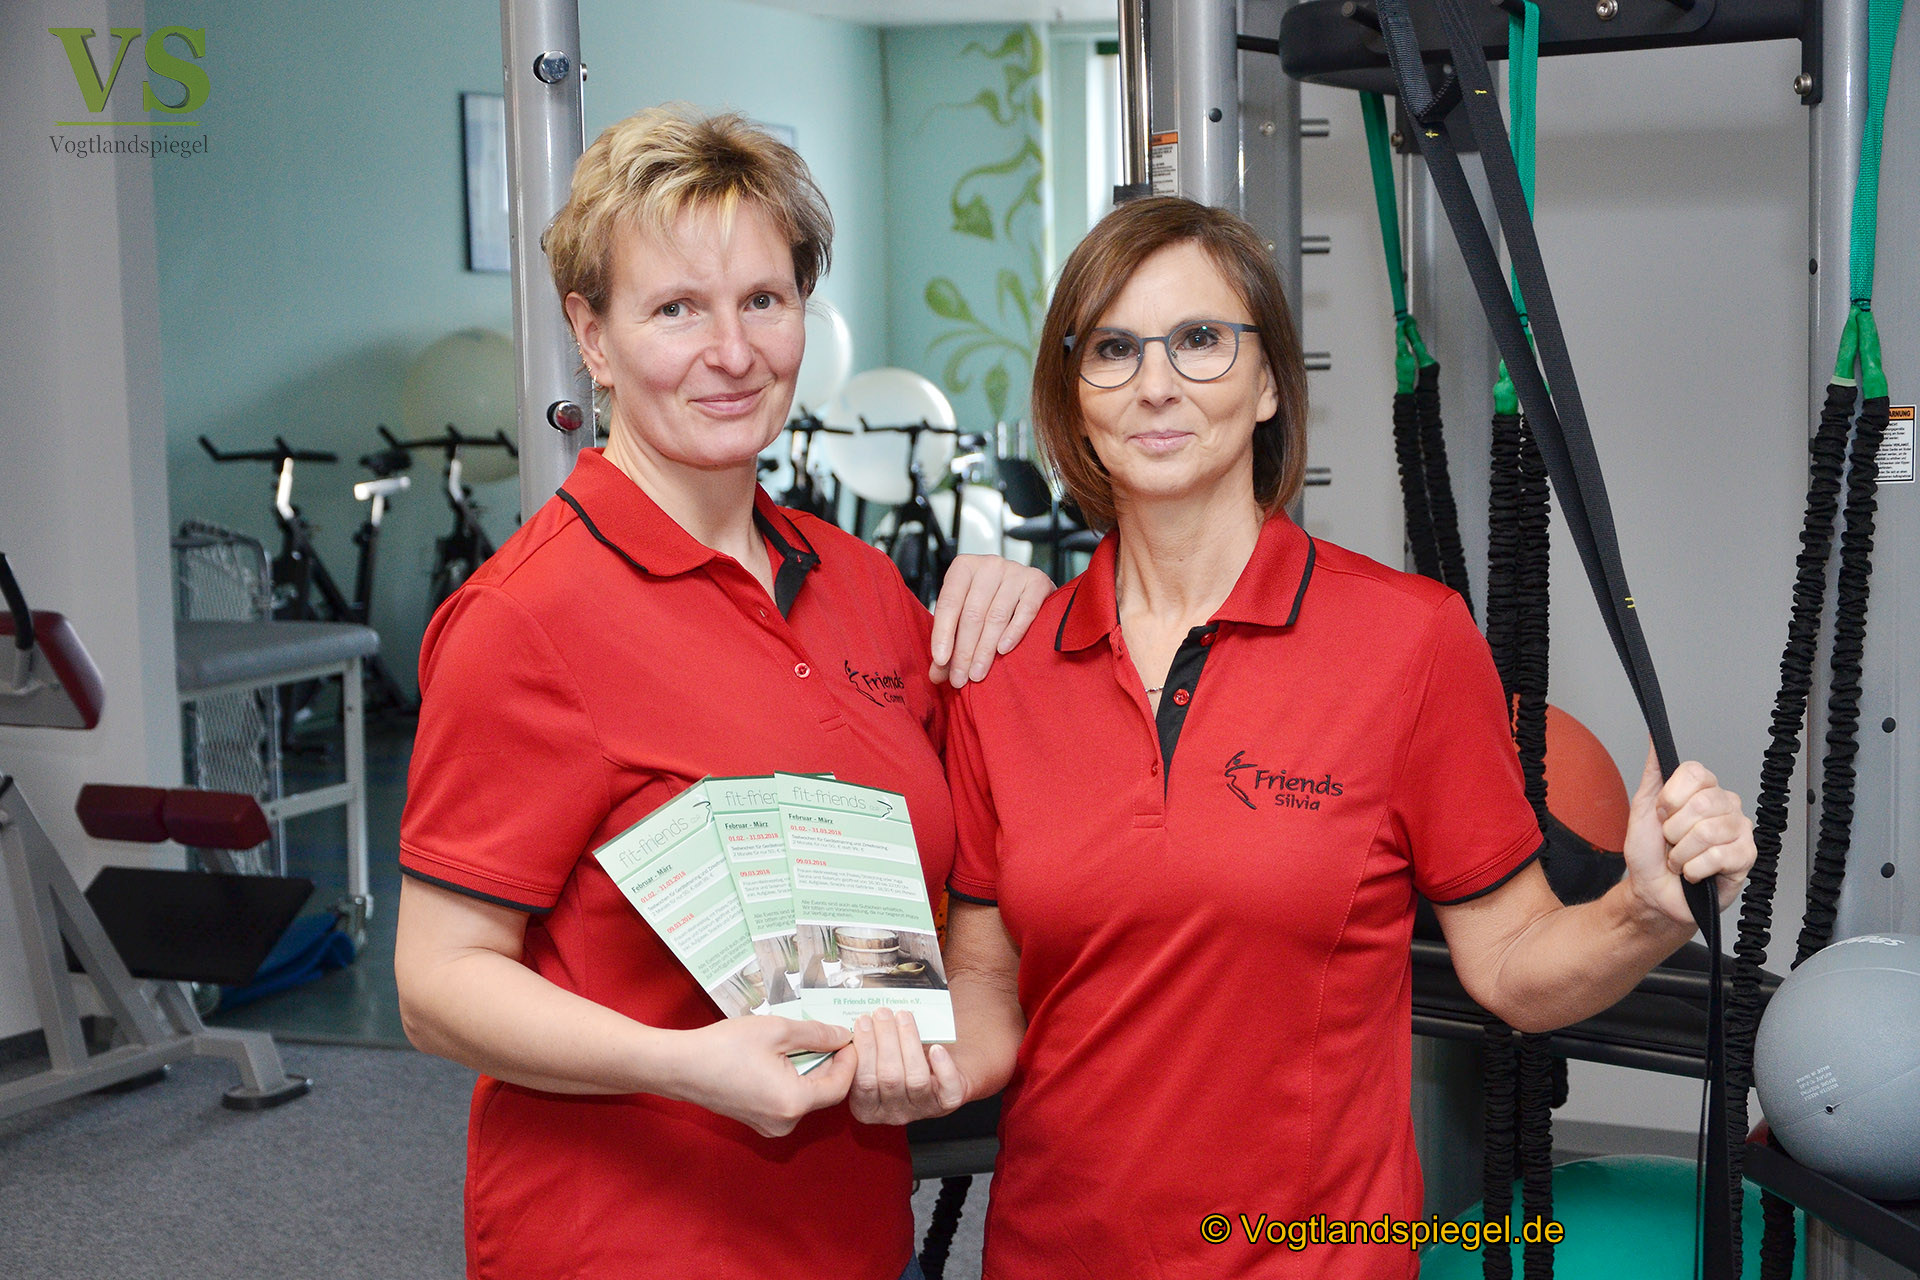 Fit-Friends-Gesundheitszentrum: Fitness wird ganz groß geschrieben